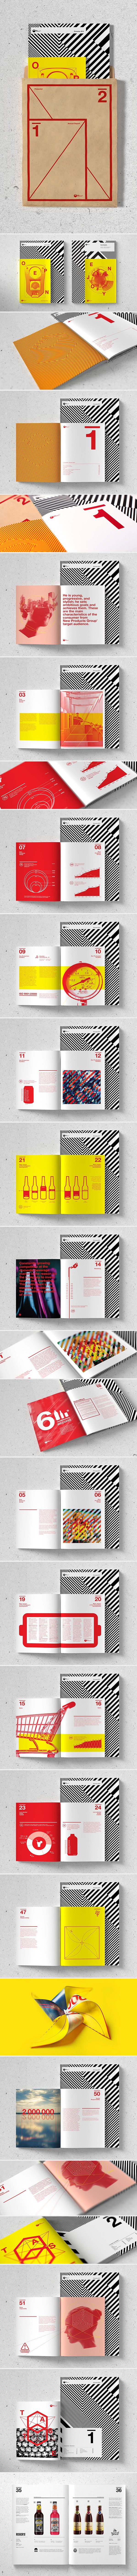 2-in-1 Annual Report & Presenter by Dima Tsapko